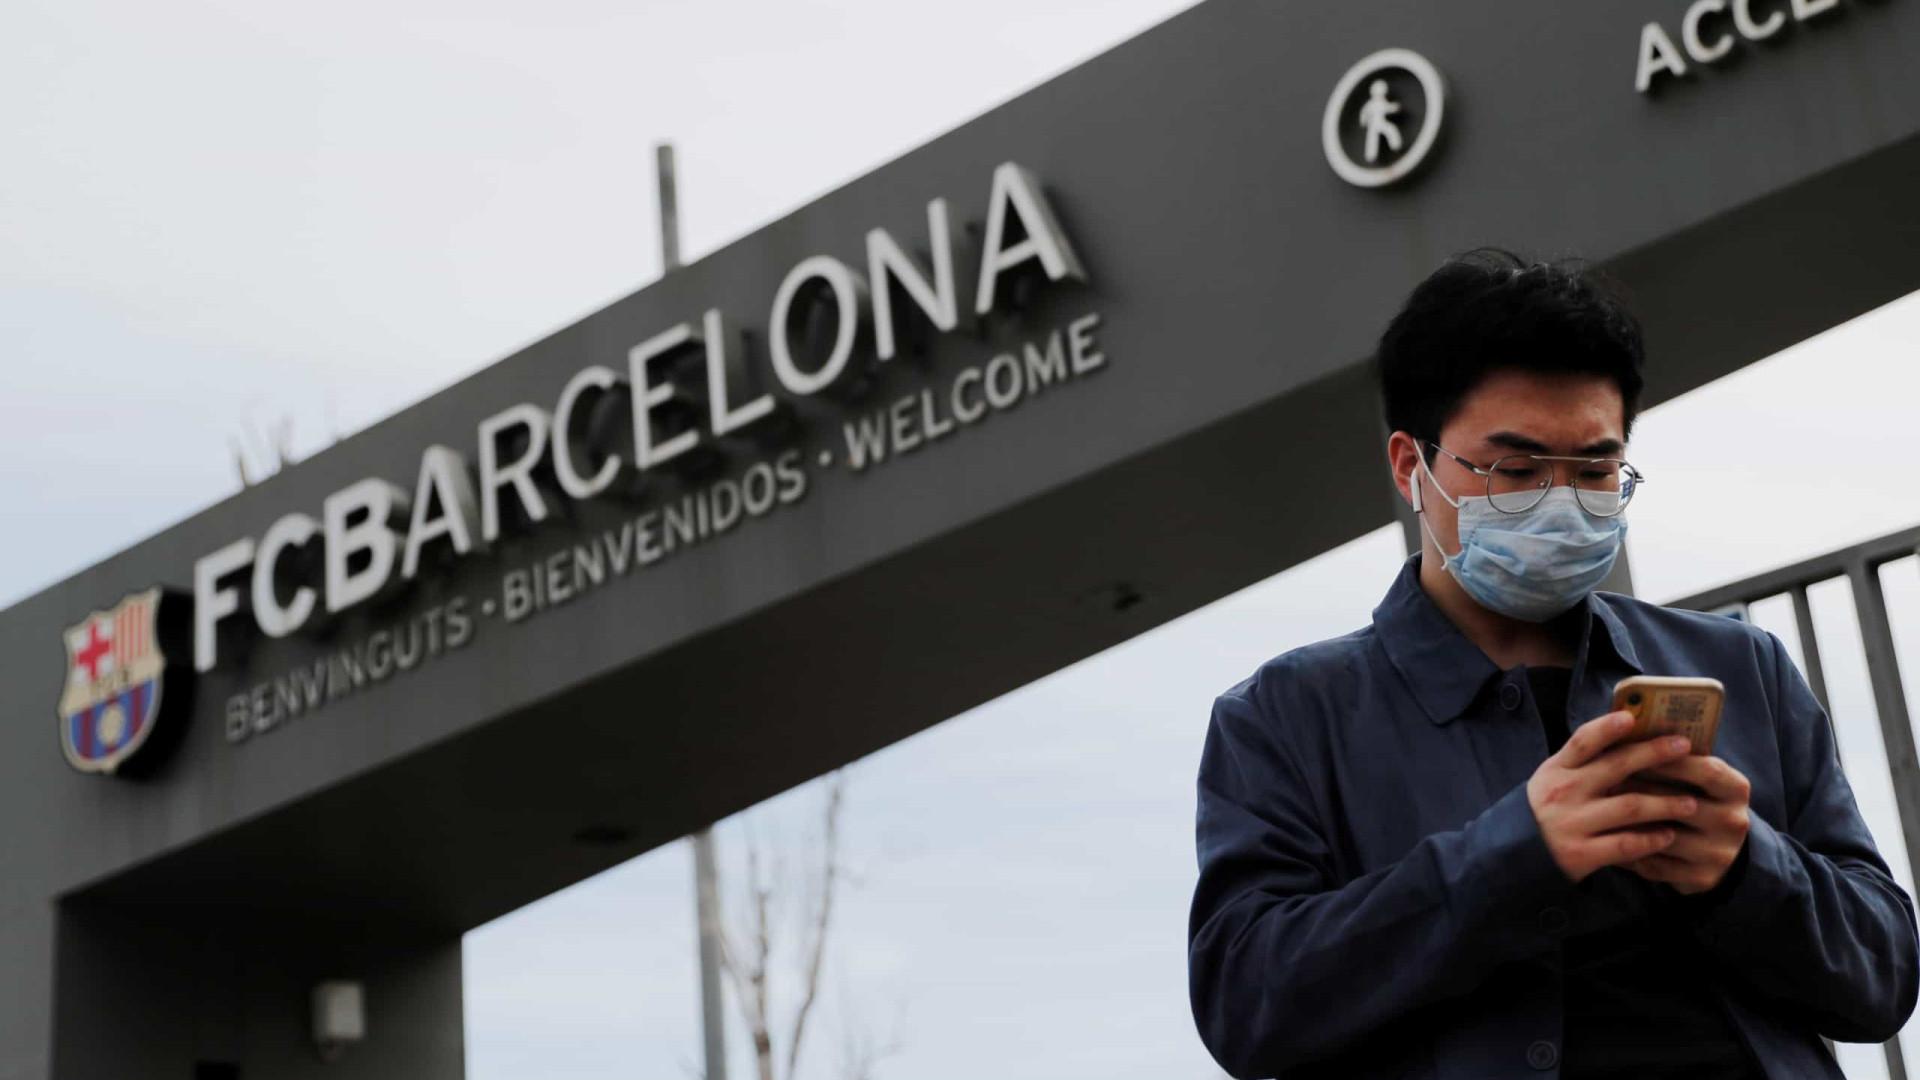 Barcelona chega a acordo com elenco para redução salarial de R$ 780 milhões